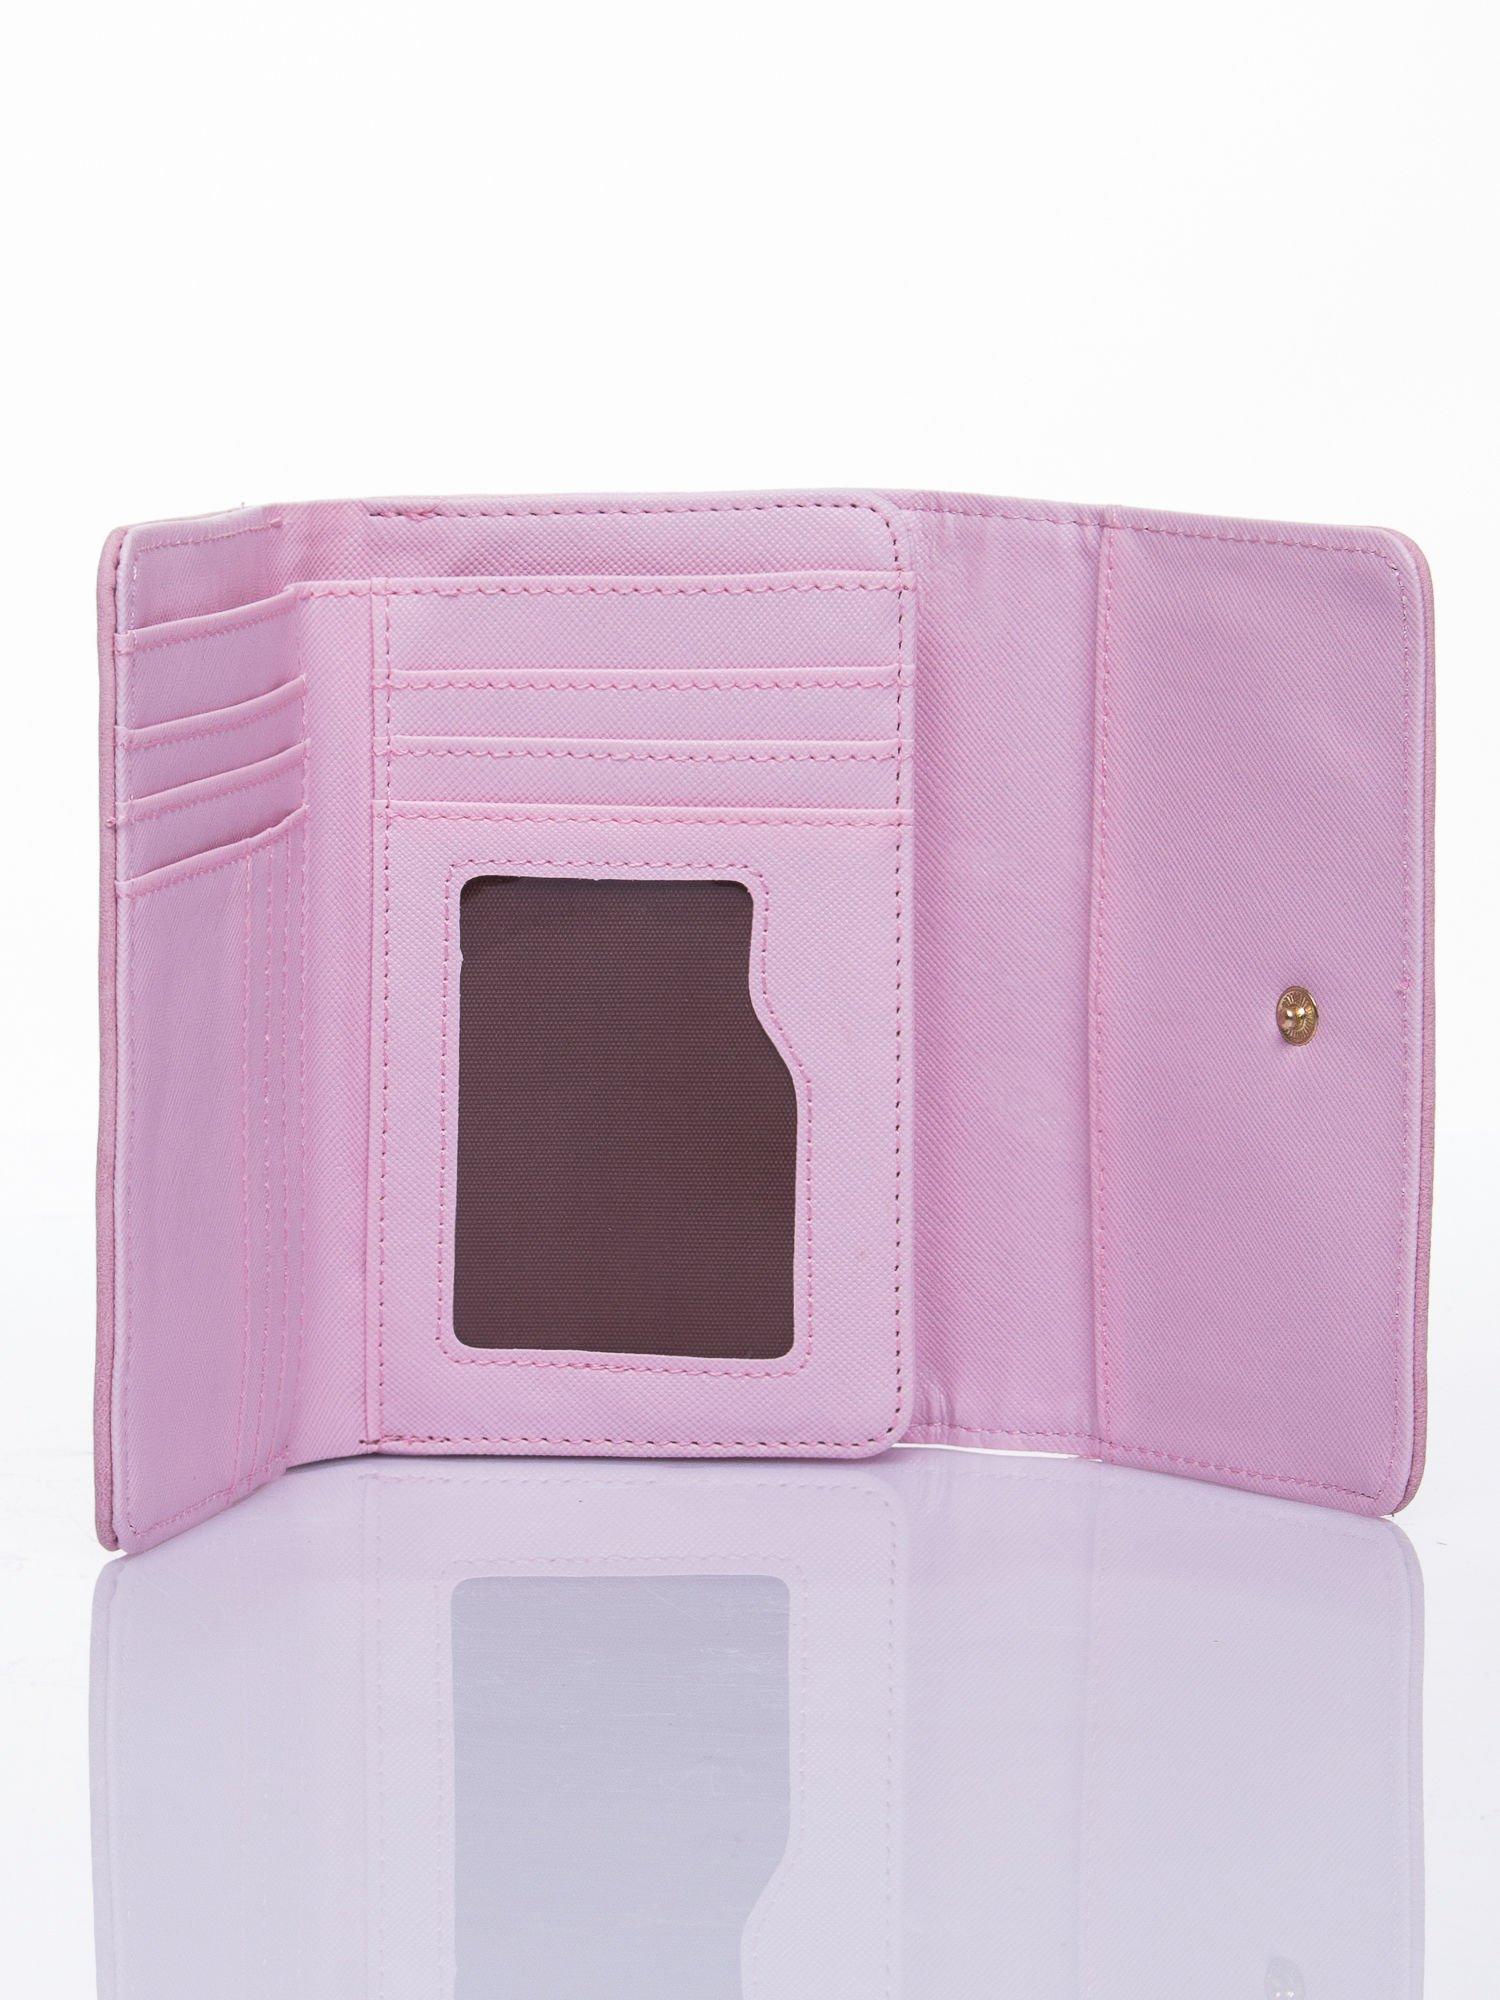 Różowy ażurowany portfel ze złotym zapięciem                                  zdj.                                  3